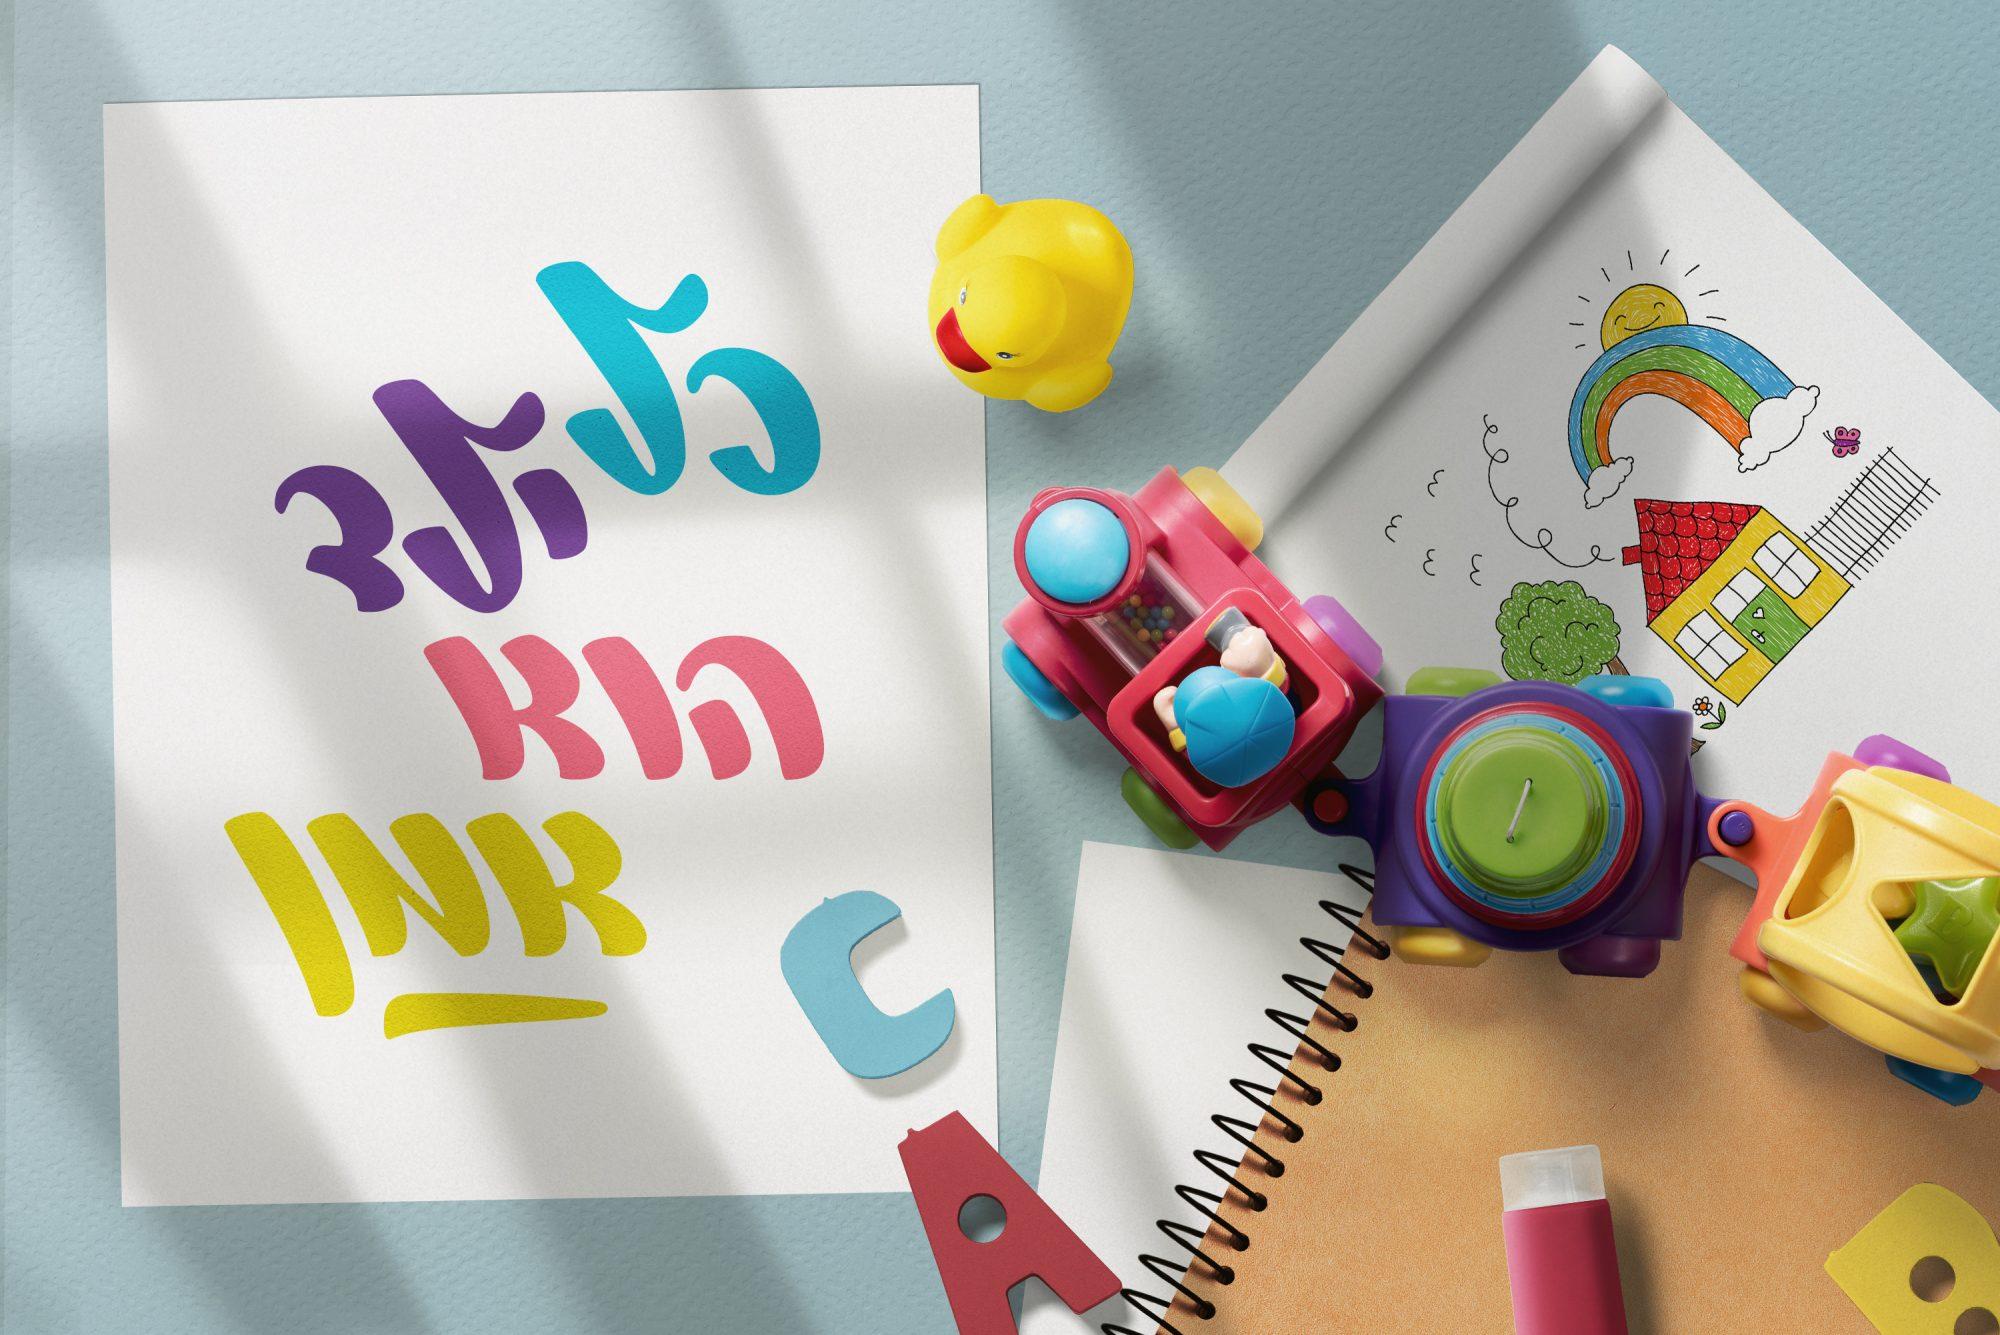 צעצועים פונט מלוטש - כל ילד הוא אמן